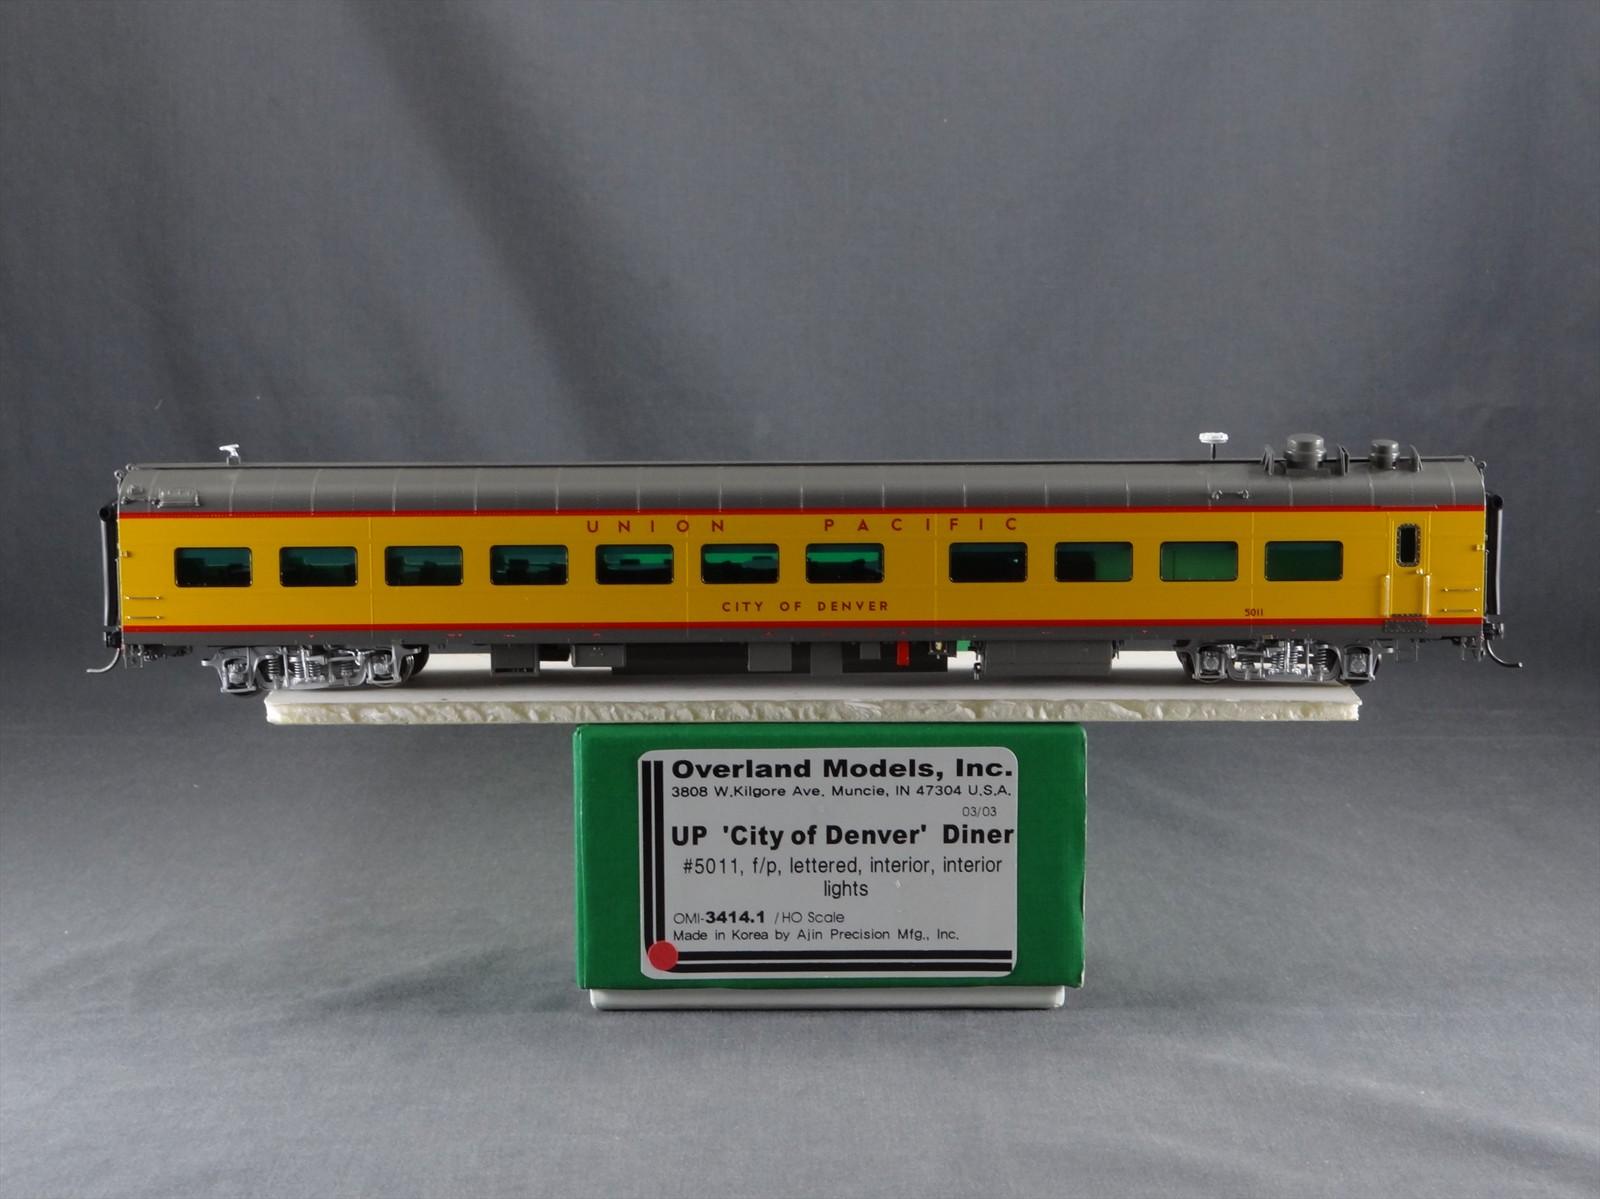 Overland 3414.1 - UP Modern Executive Diner 'City of Denver'.17 Box